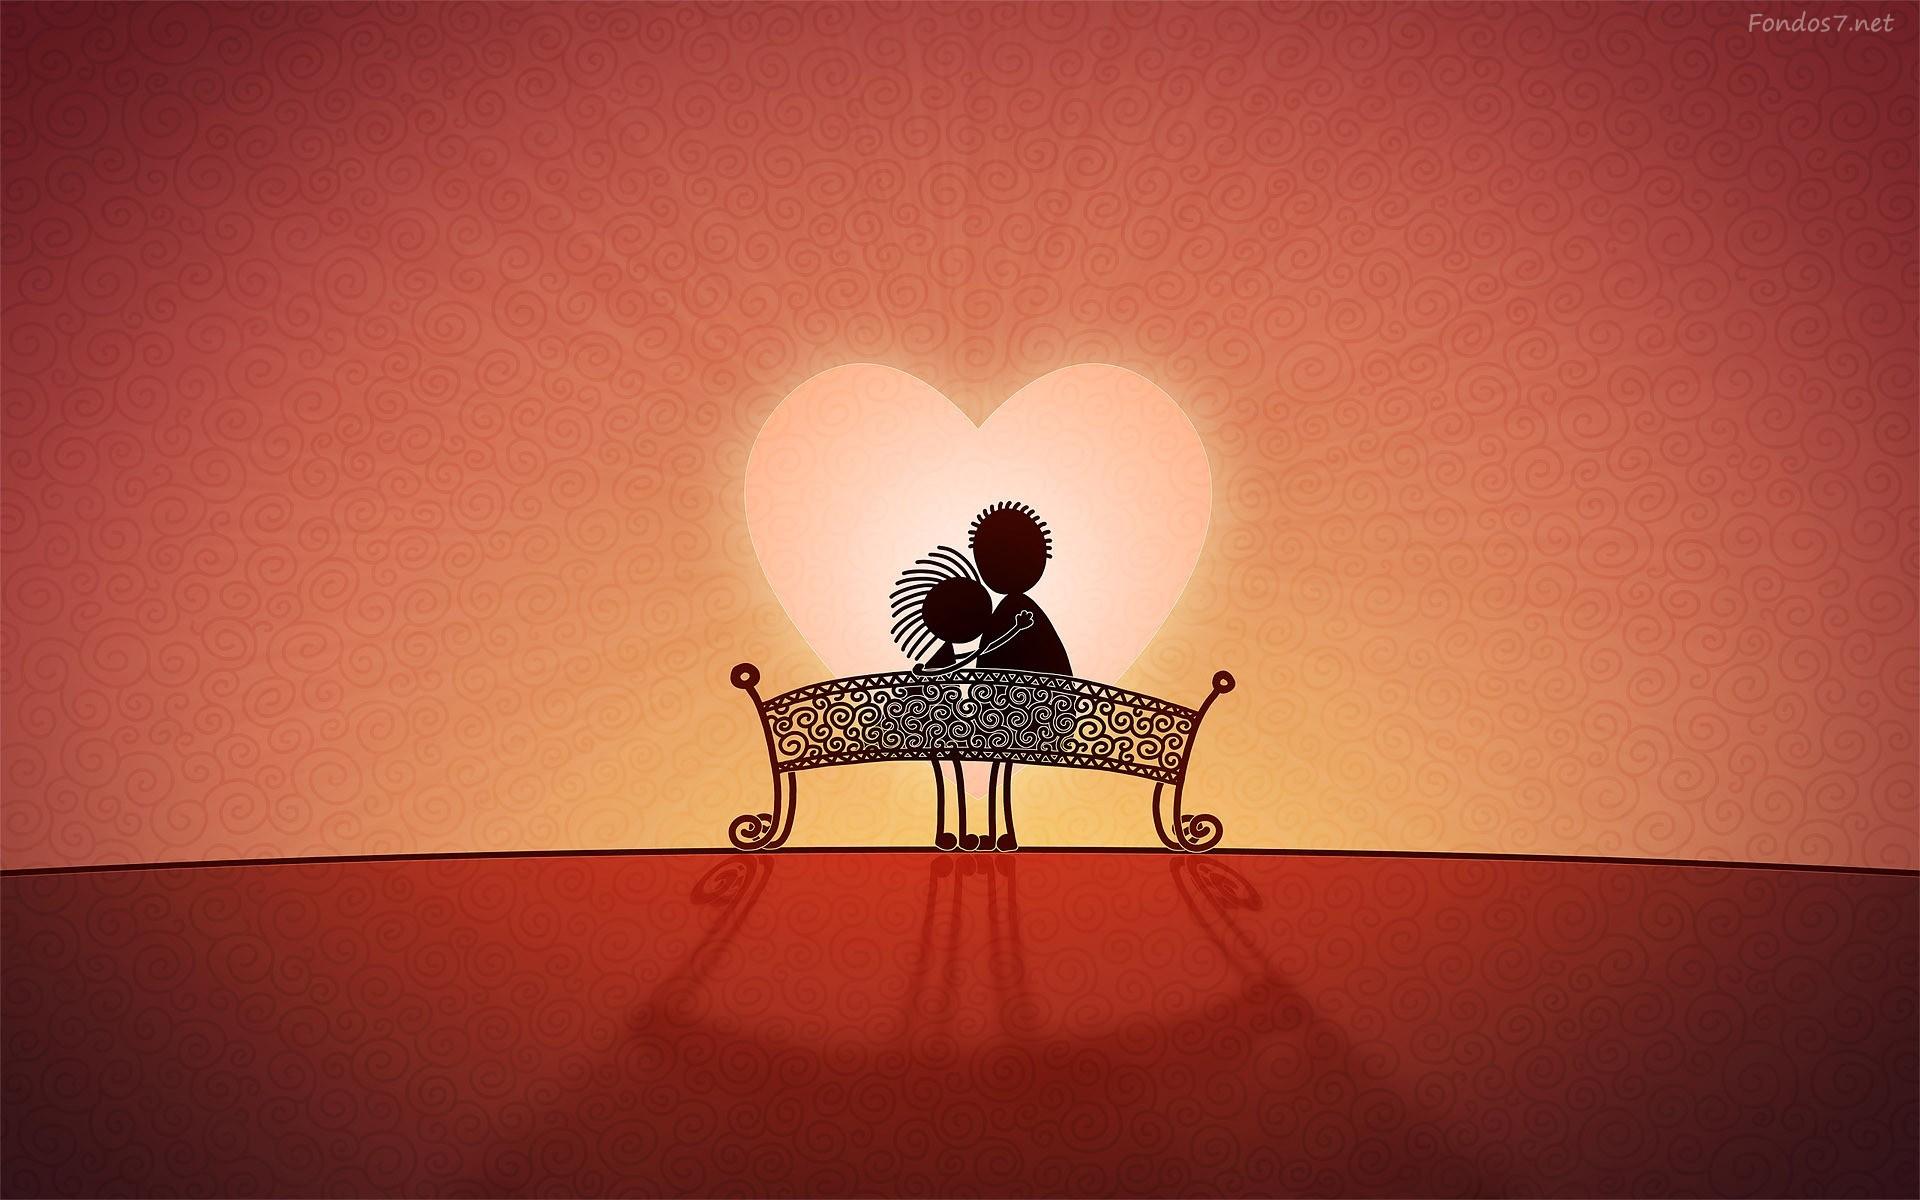 Pareja de novios con corazón de amor